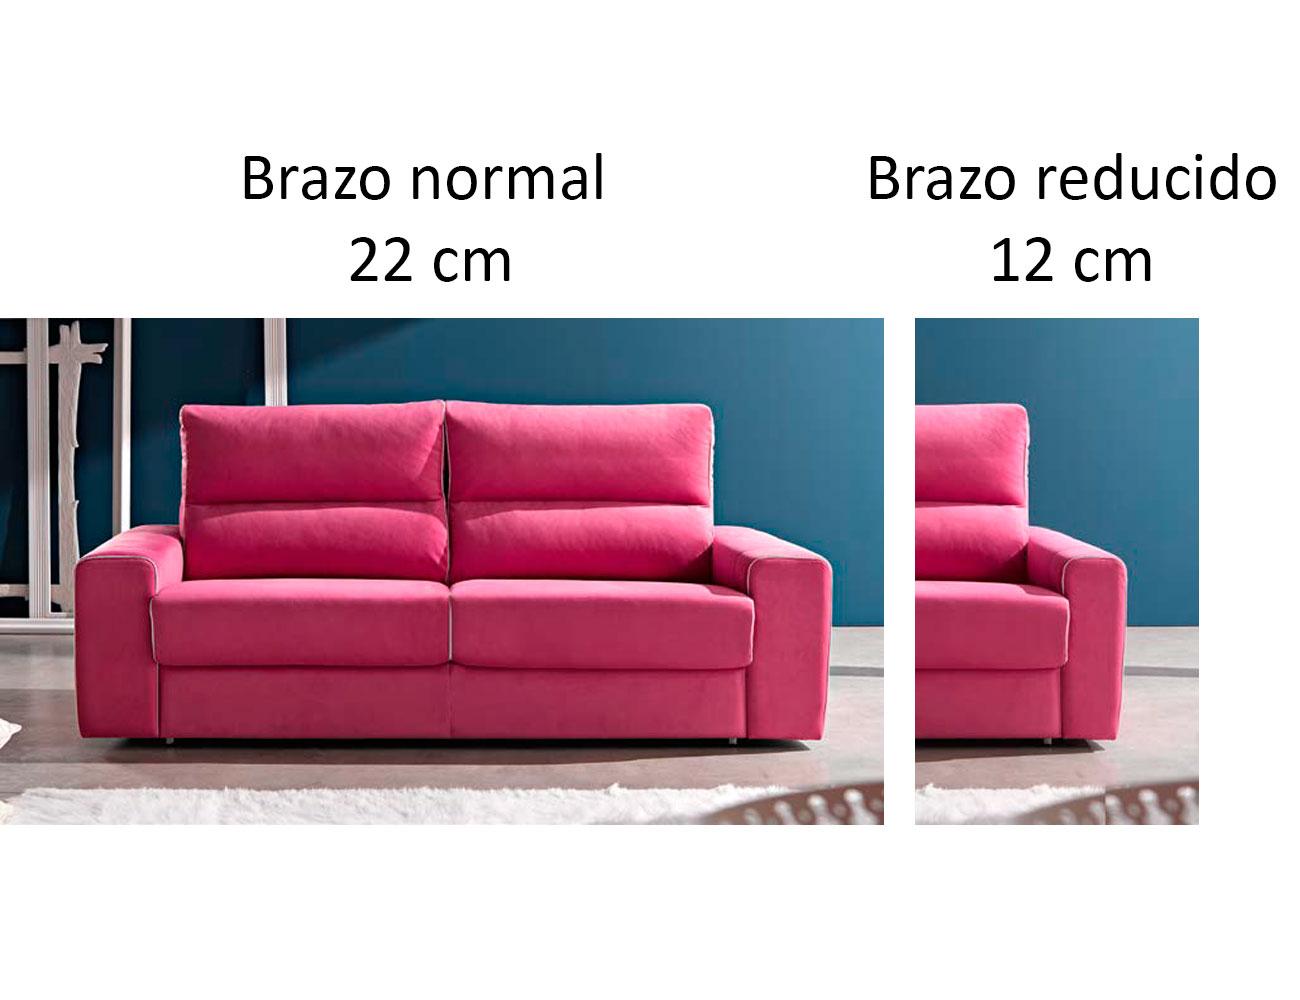 Sofa cama pedro ortiz apertura italiano brazo reducido1